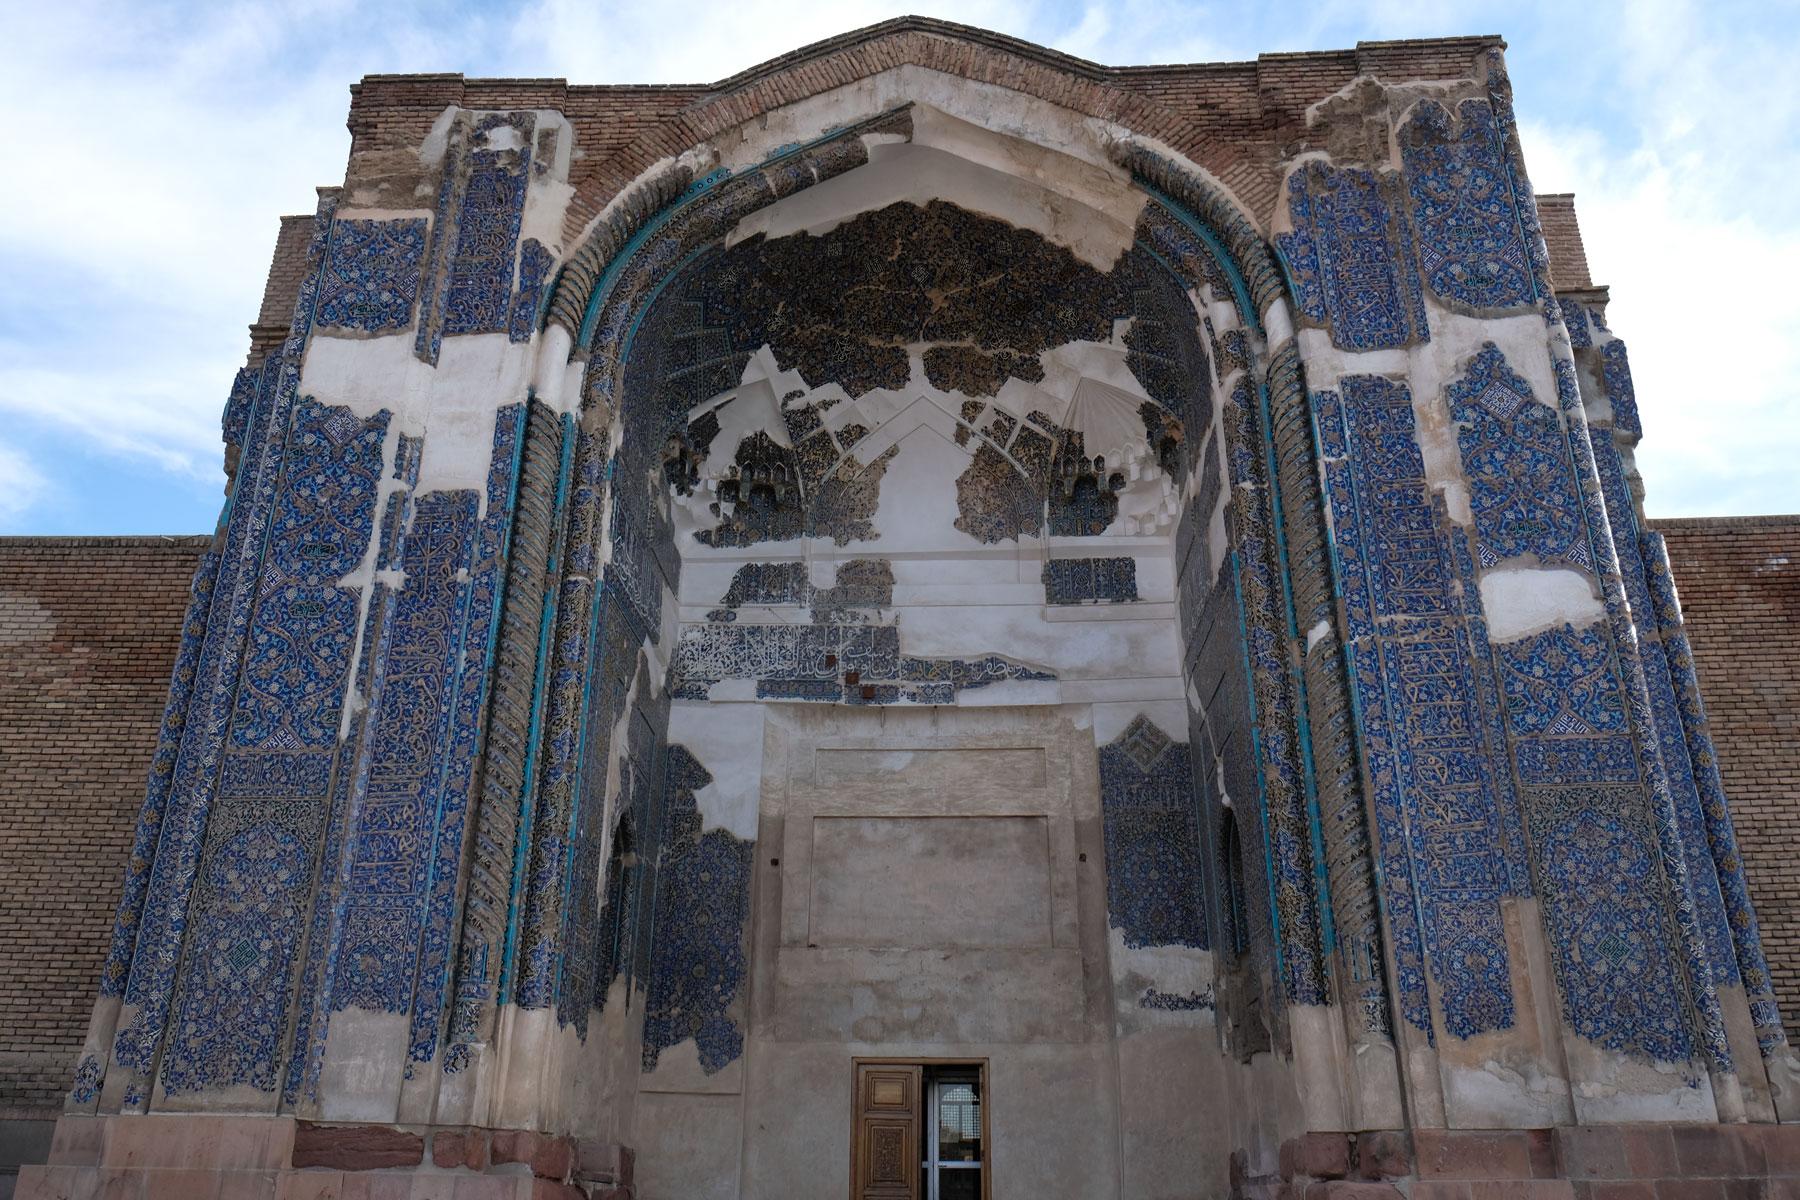 Die blaue Moschee - Reste der blauen Kacheln sind noch zu sehen